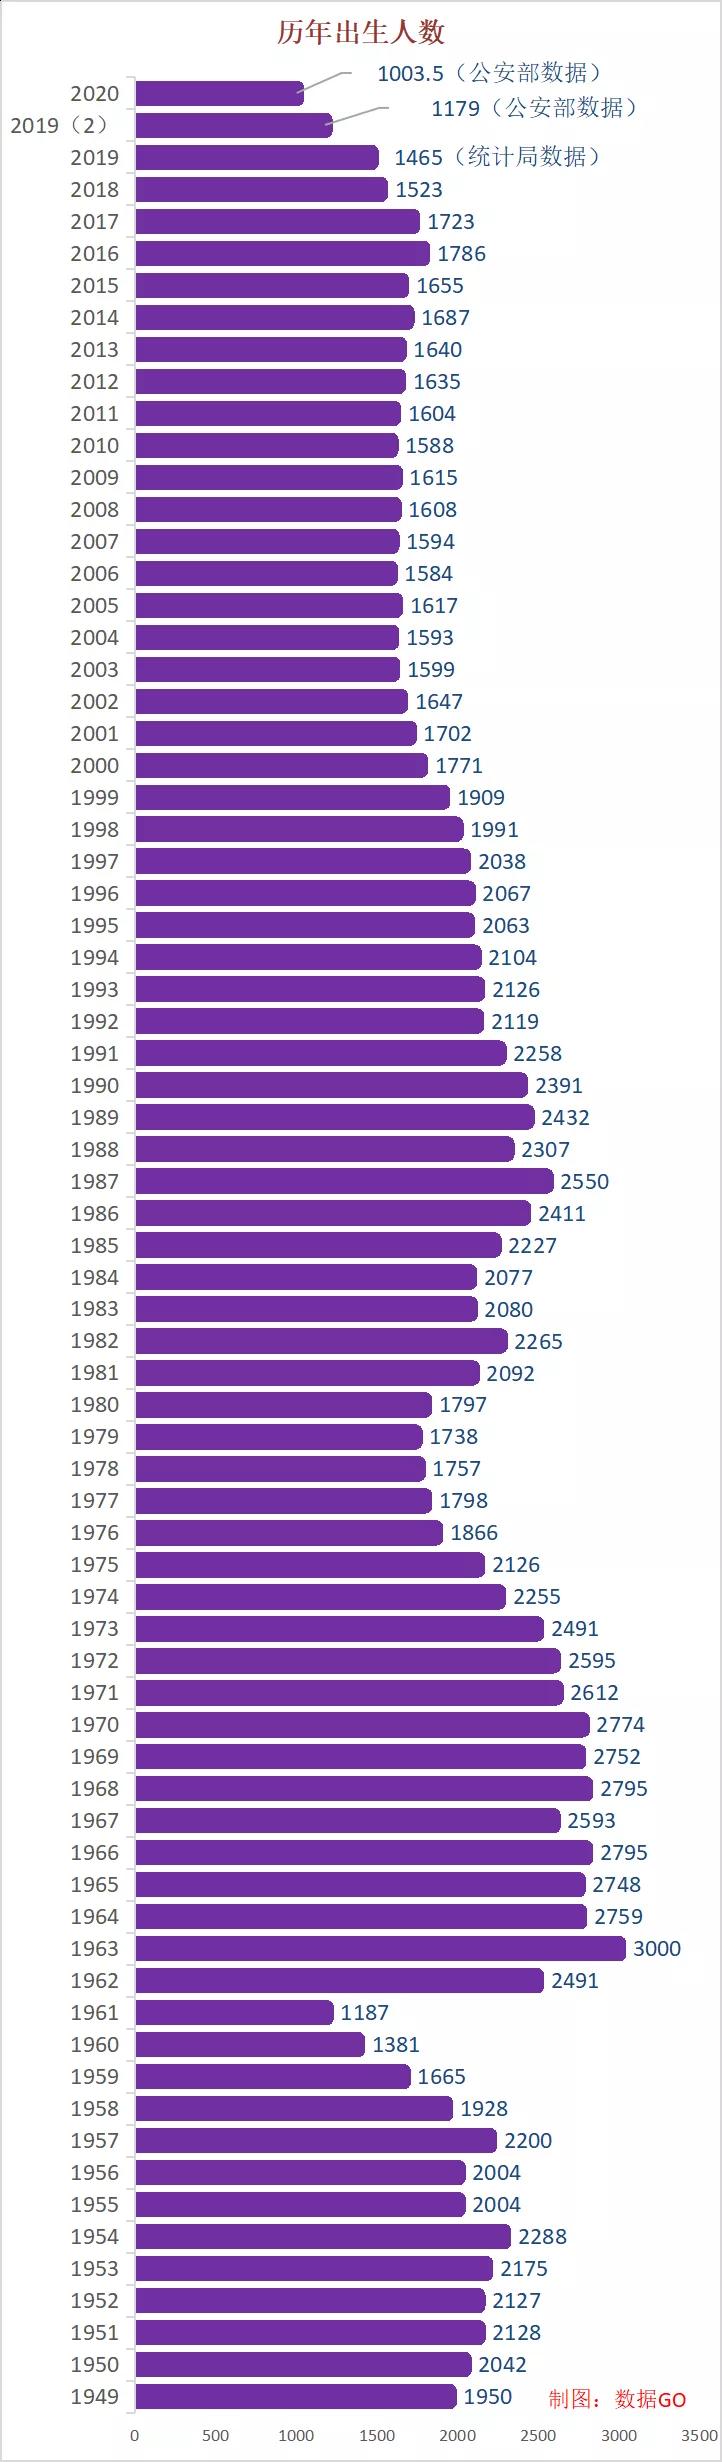 中国经济面临的挑战(1):人口